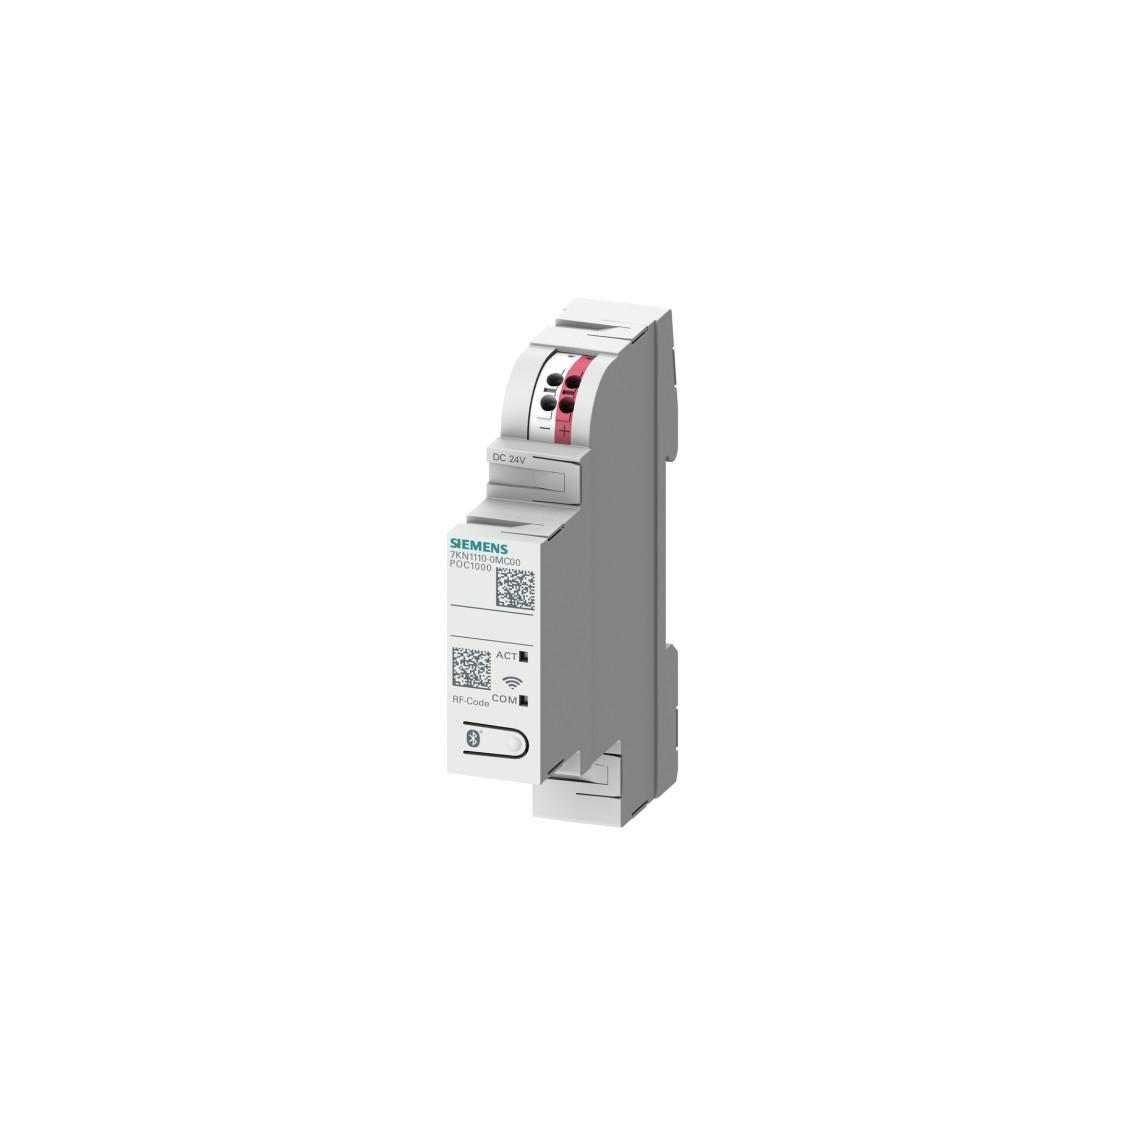 Datentransceiver 7KN Powercenter 1000